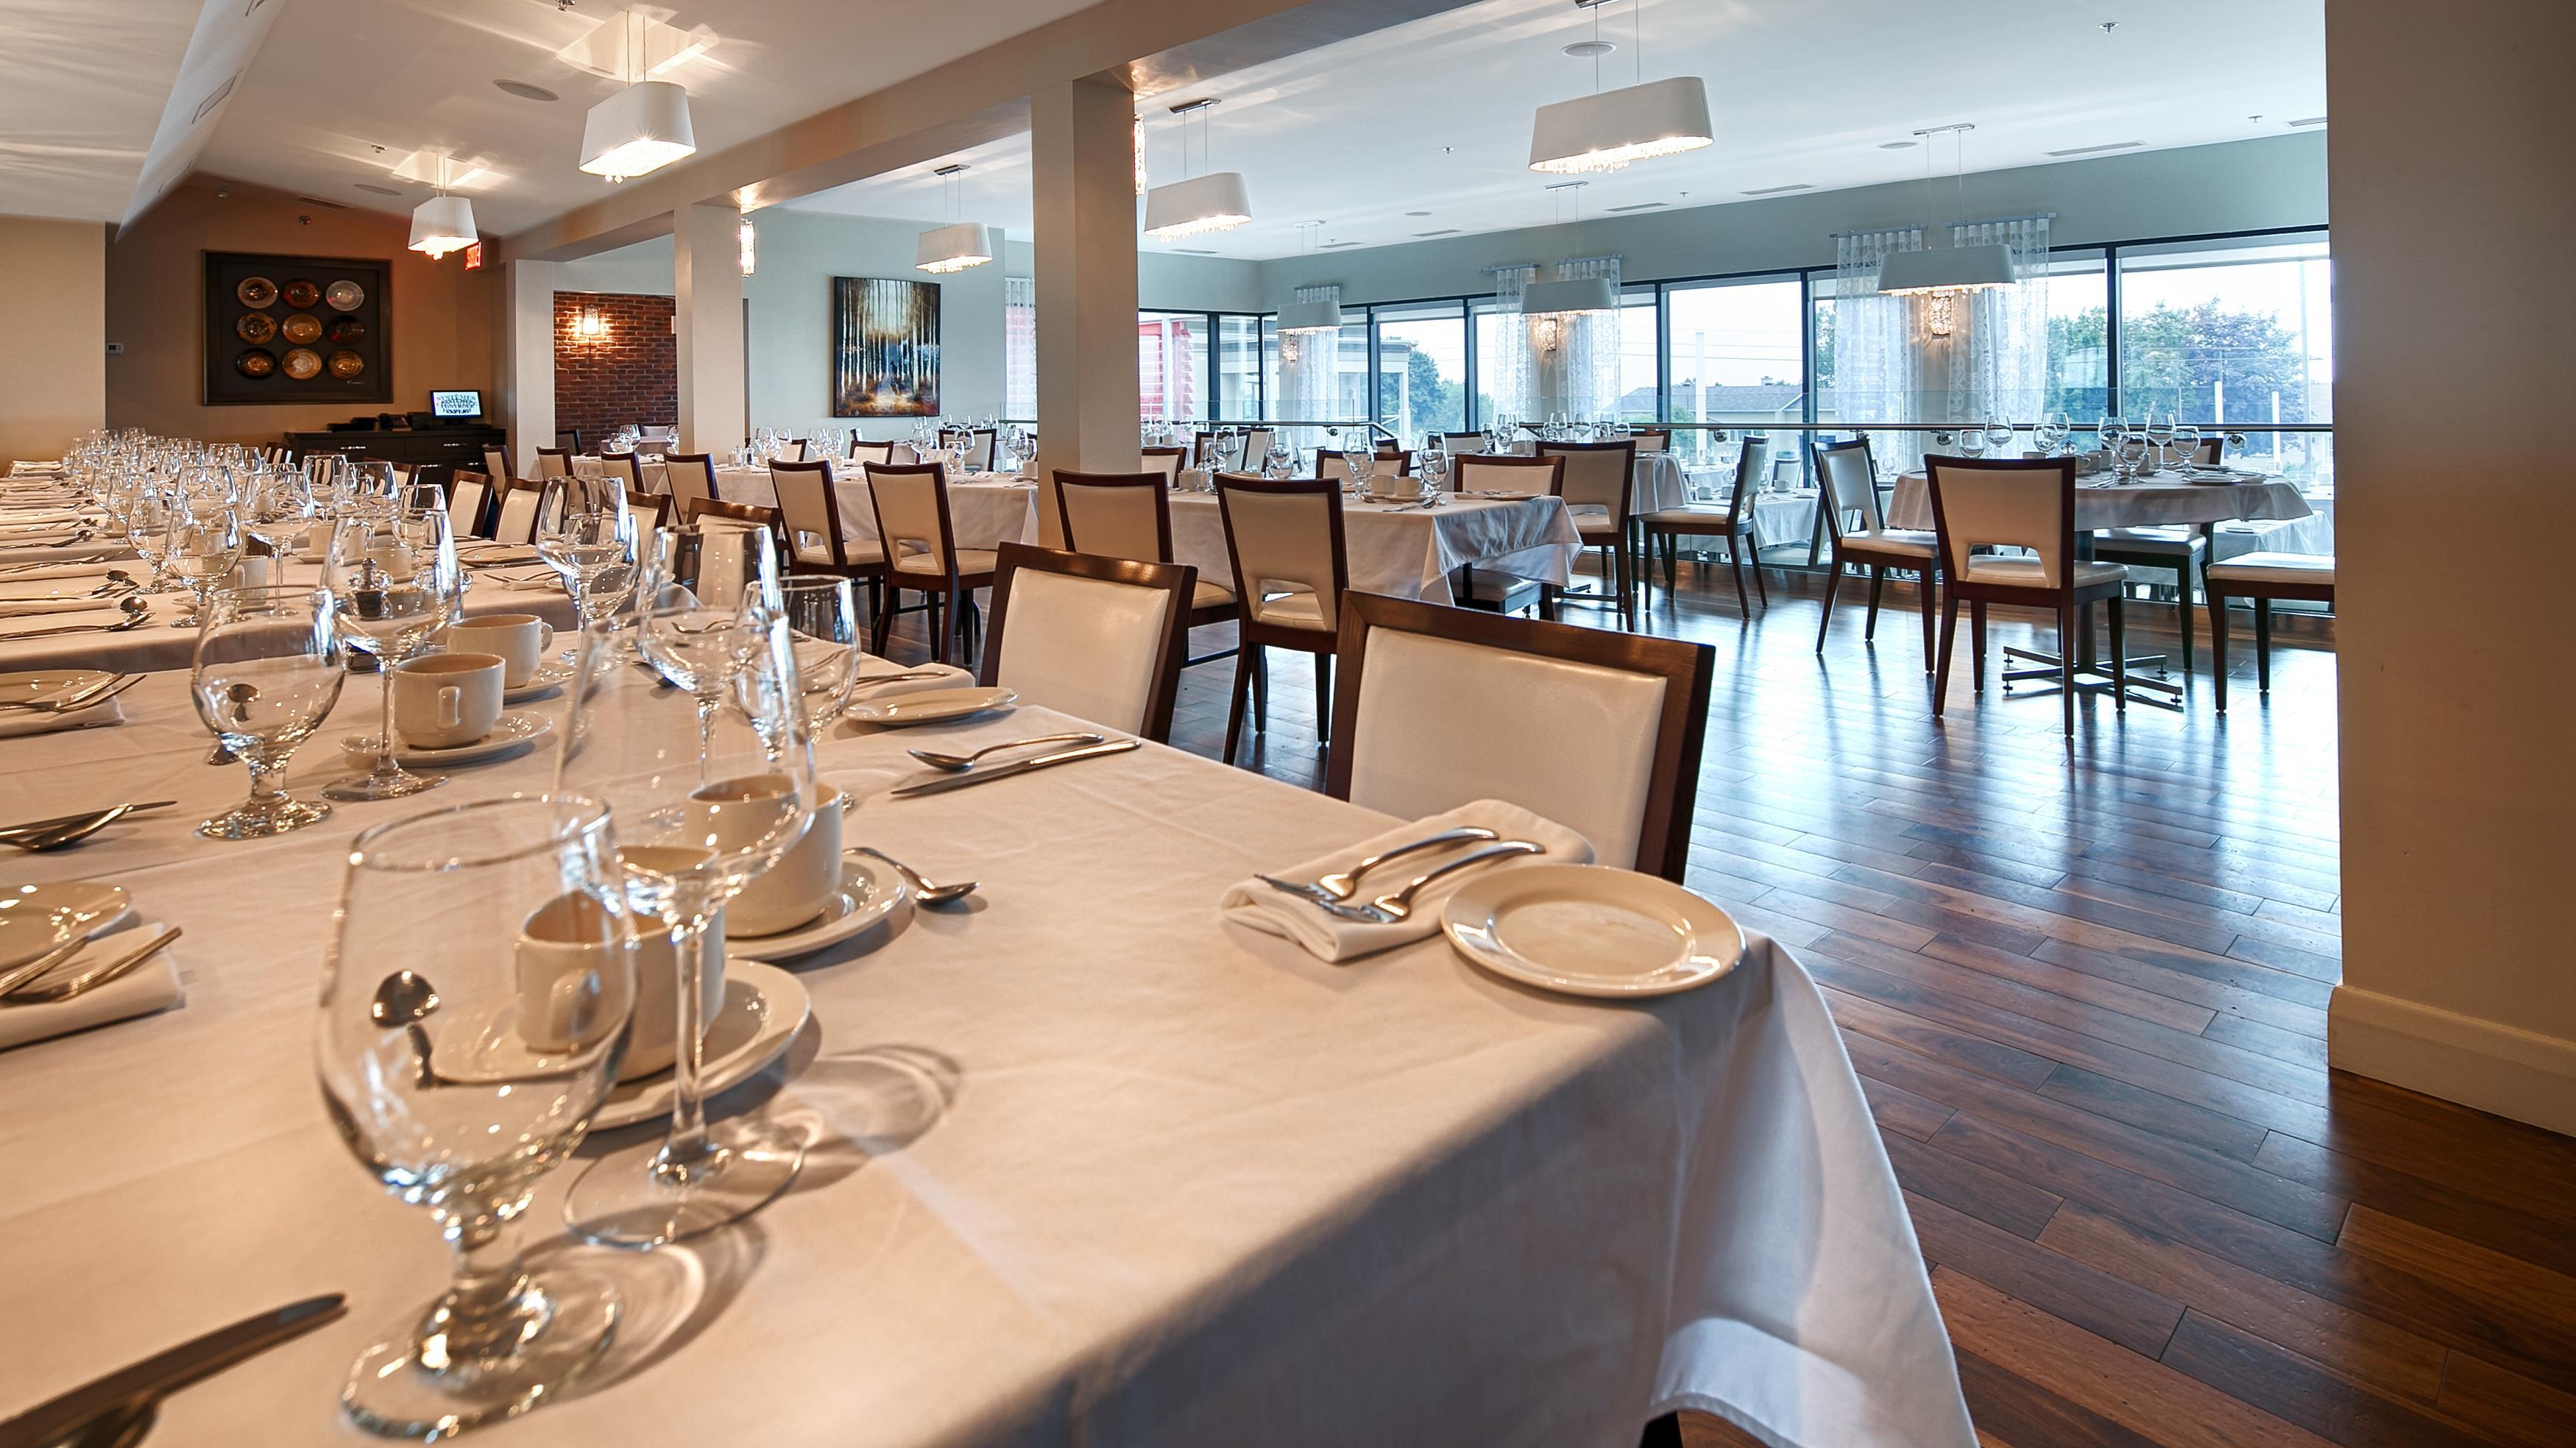 Best Western Plus Hotel Levesque à Riviere-du-Loup: La Griffe Dining